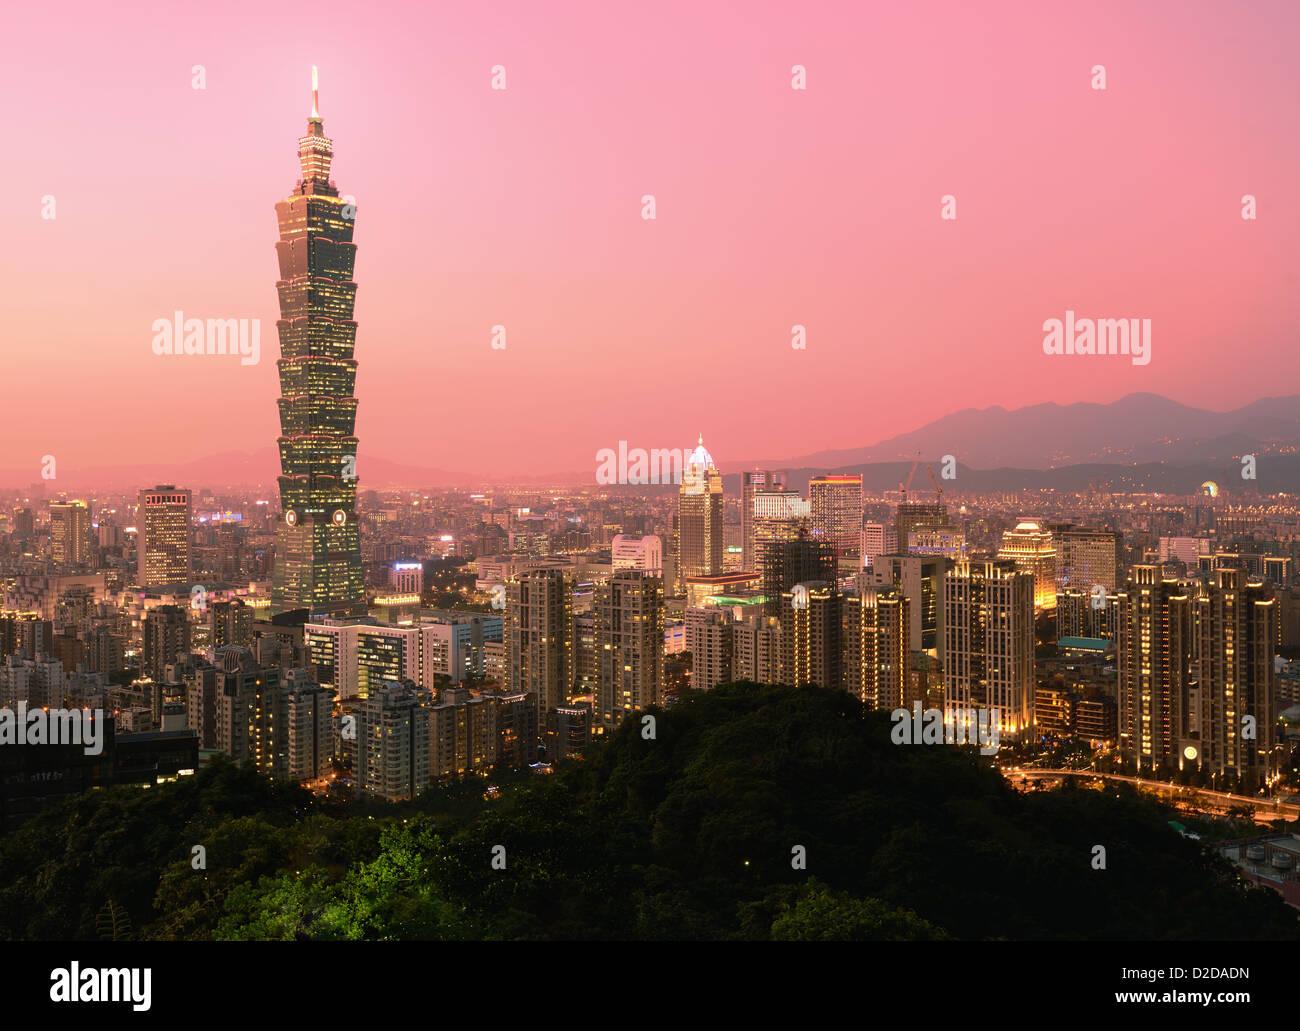 Taipei, Taiwan evening skyline. Stock Photo